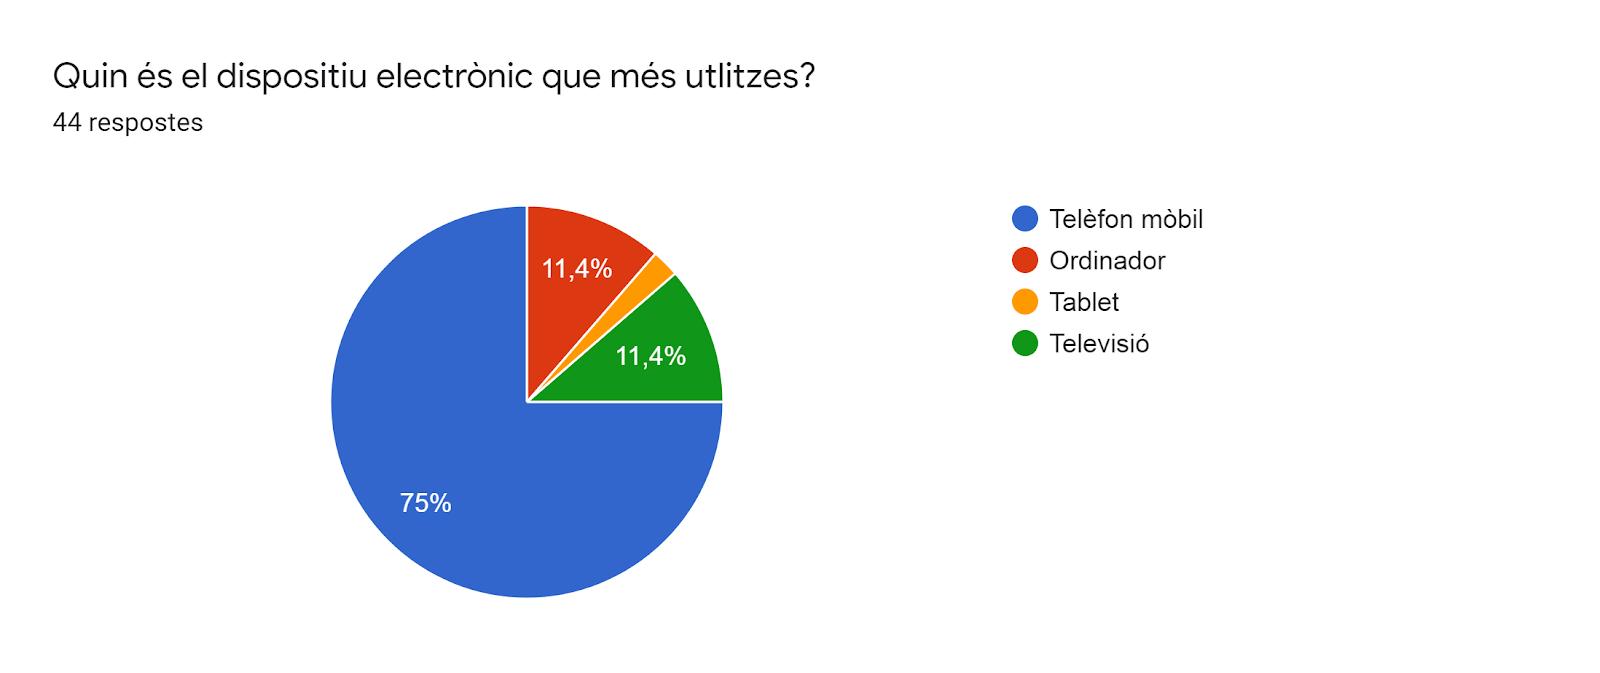 Gràfic de respostes de Formularis. Títol de la pregunta: Quin és el dispositiu electrònic que més utlitzes?. Nombre de respostes: 44 respostes.